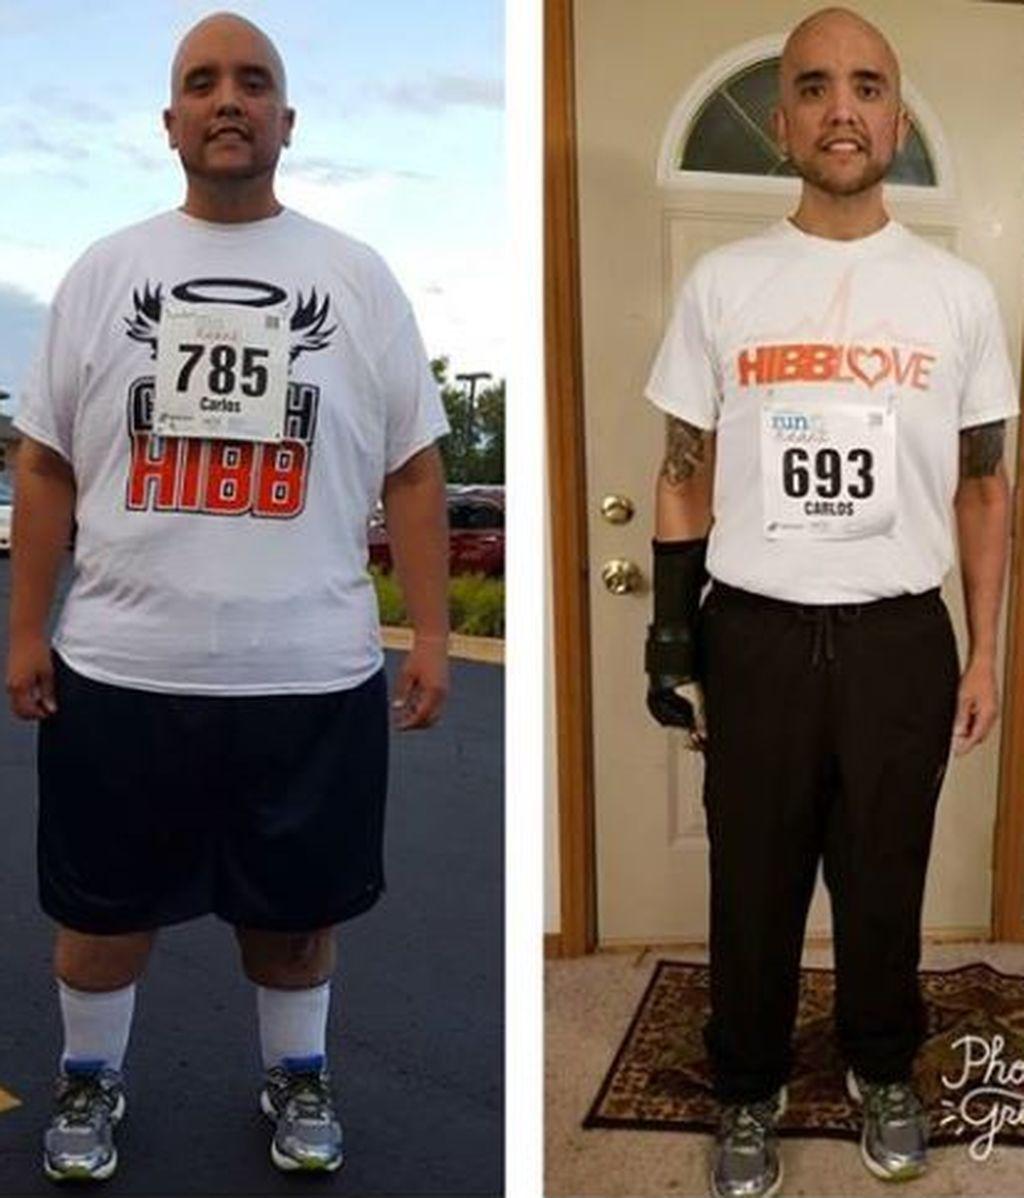 Un hombre pierde 204 kilogramos al descubrir su pasión por correr